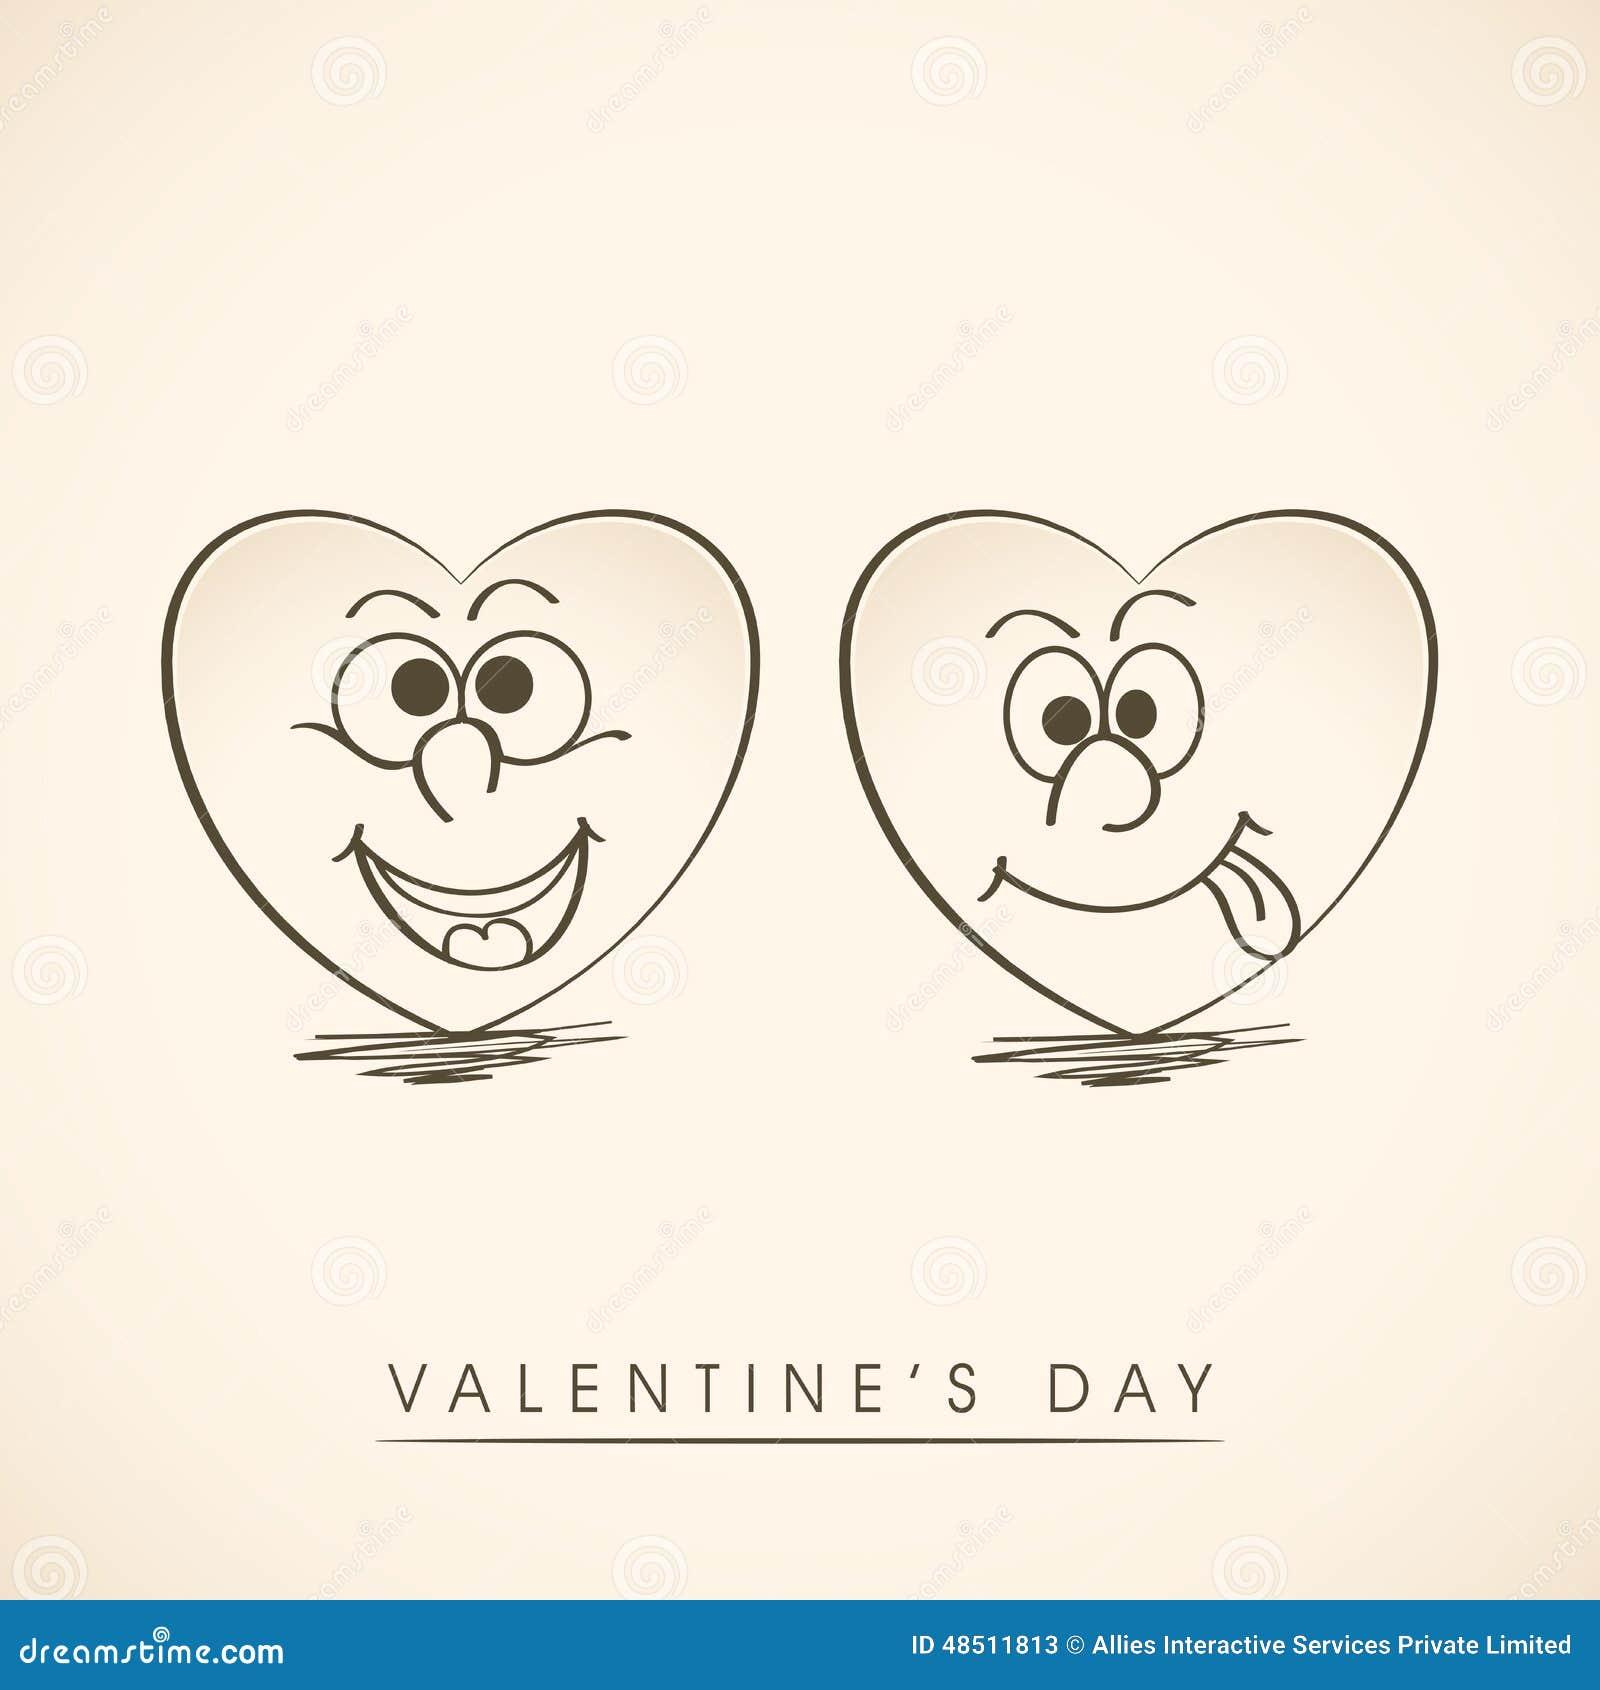 Funny Hearts Cartoon Vector   CartoonDealer.com #17721239